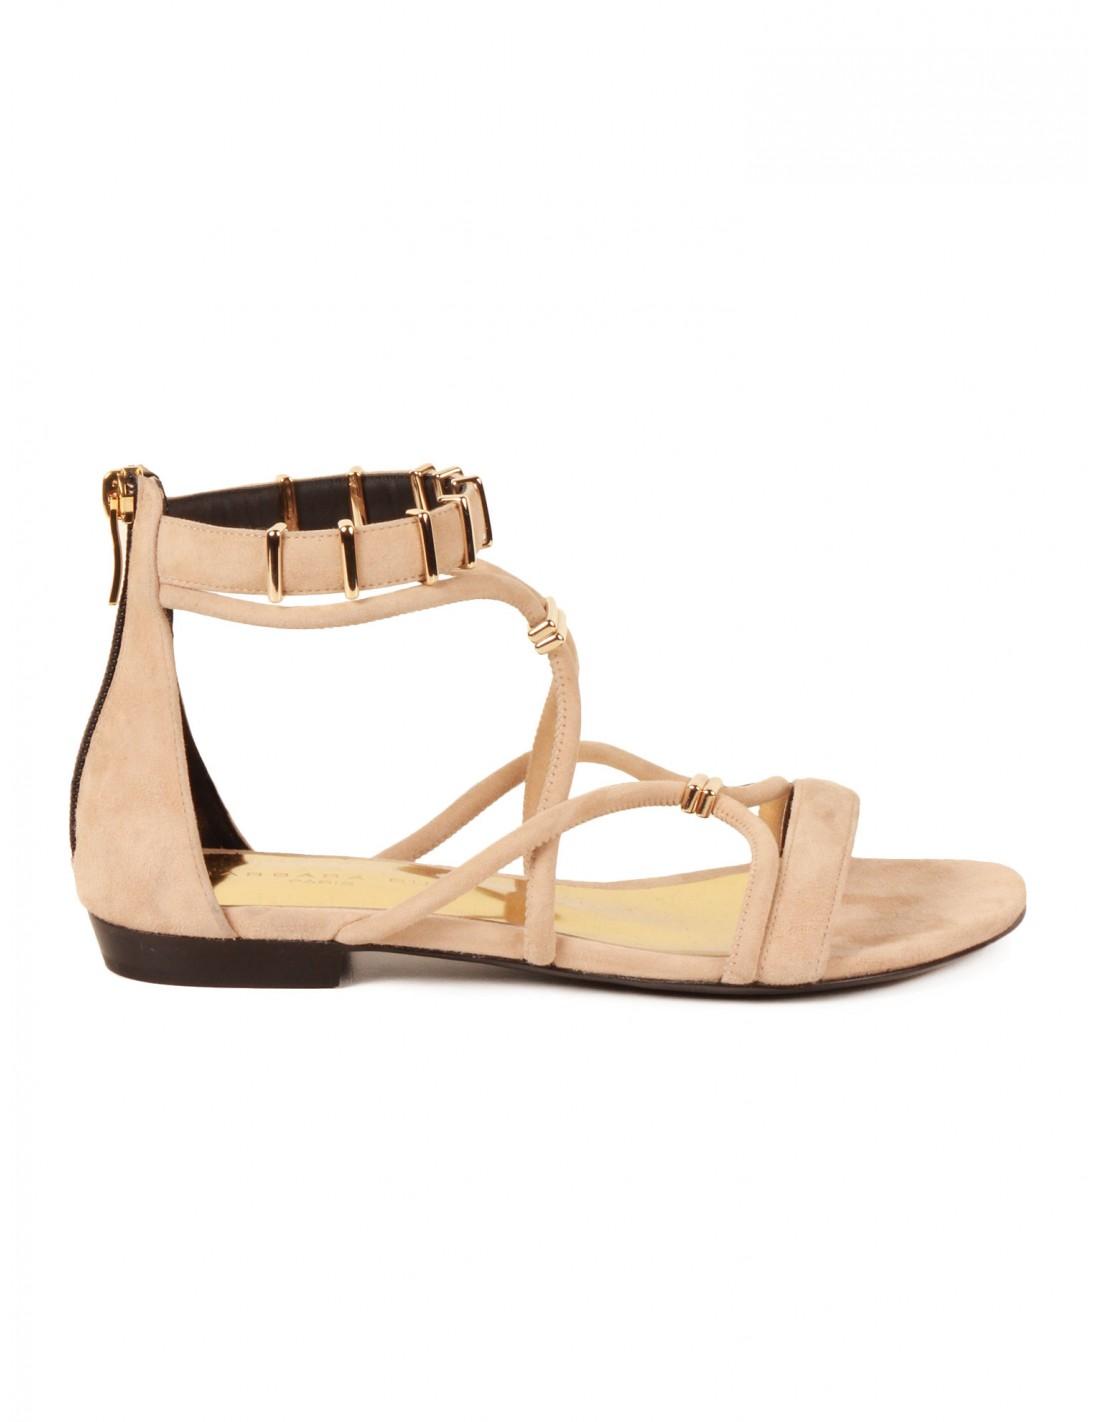 Barbara Bui Shoes Reviews